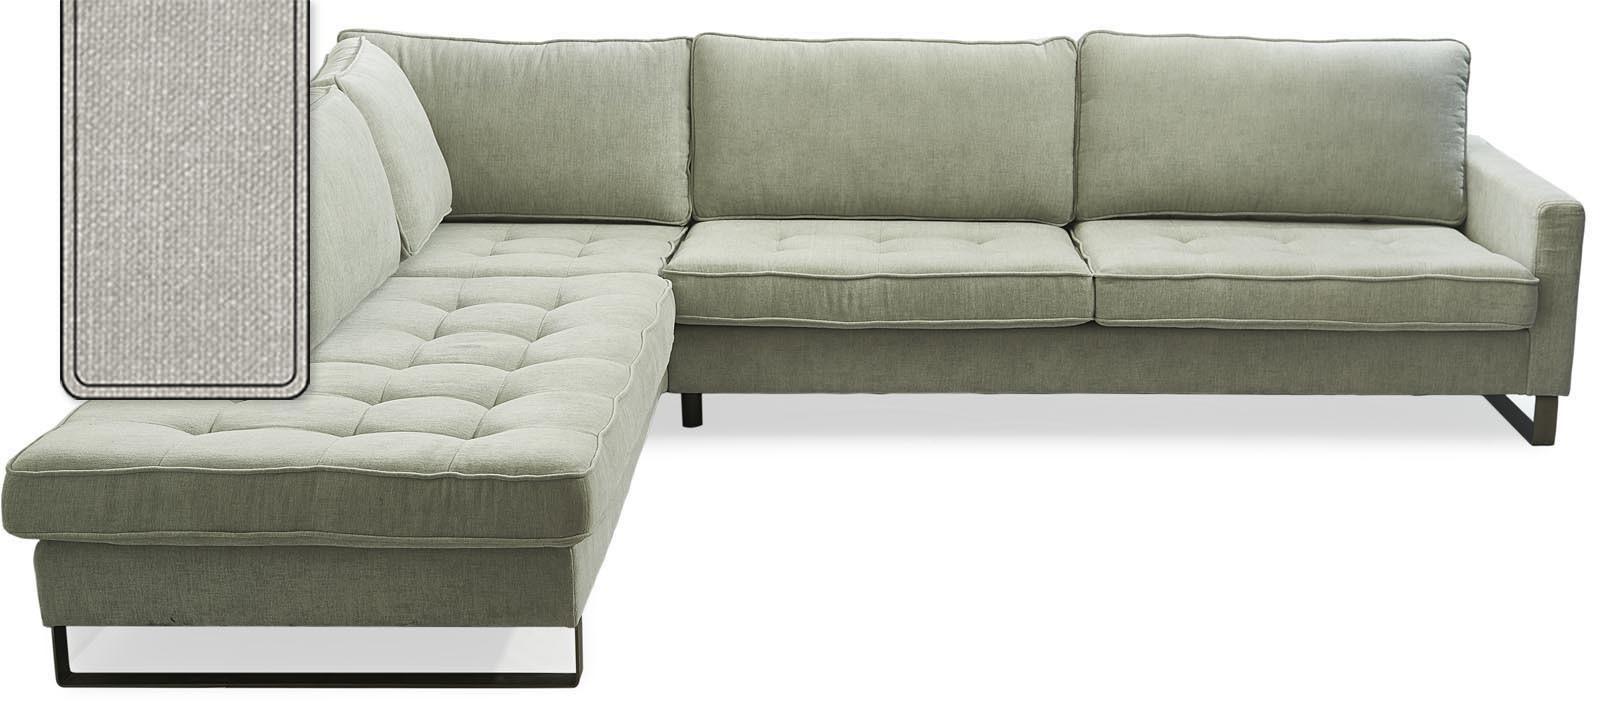 West Houston Corner Sofa Chaise Longue Left Cotton Ice Blue / Rivièra Maison